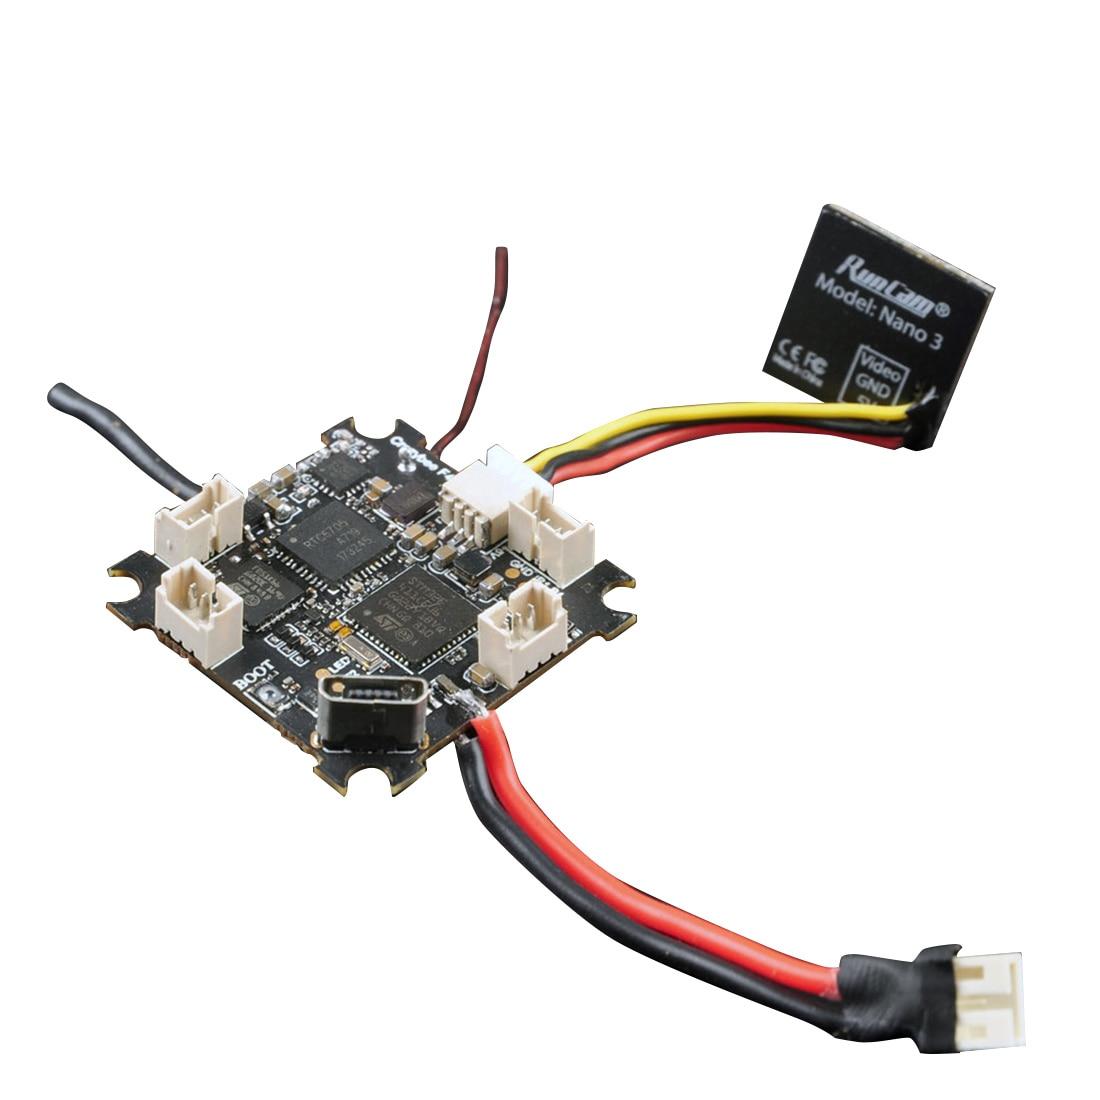 Happymodel Mobula6 Mobula 6 1S 65 мм бесщеточный гоночный Дрон Bwhoop FPV с 4 в 1 Crazybee F4 Lite Runcam Nano3 предзаказ RC Дрон